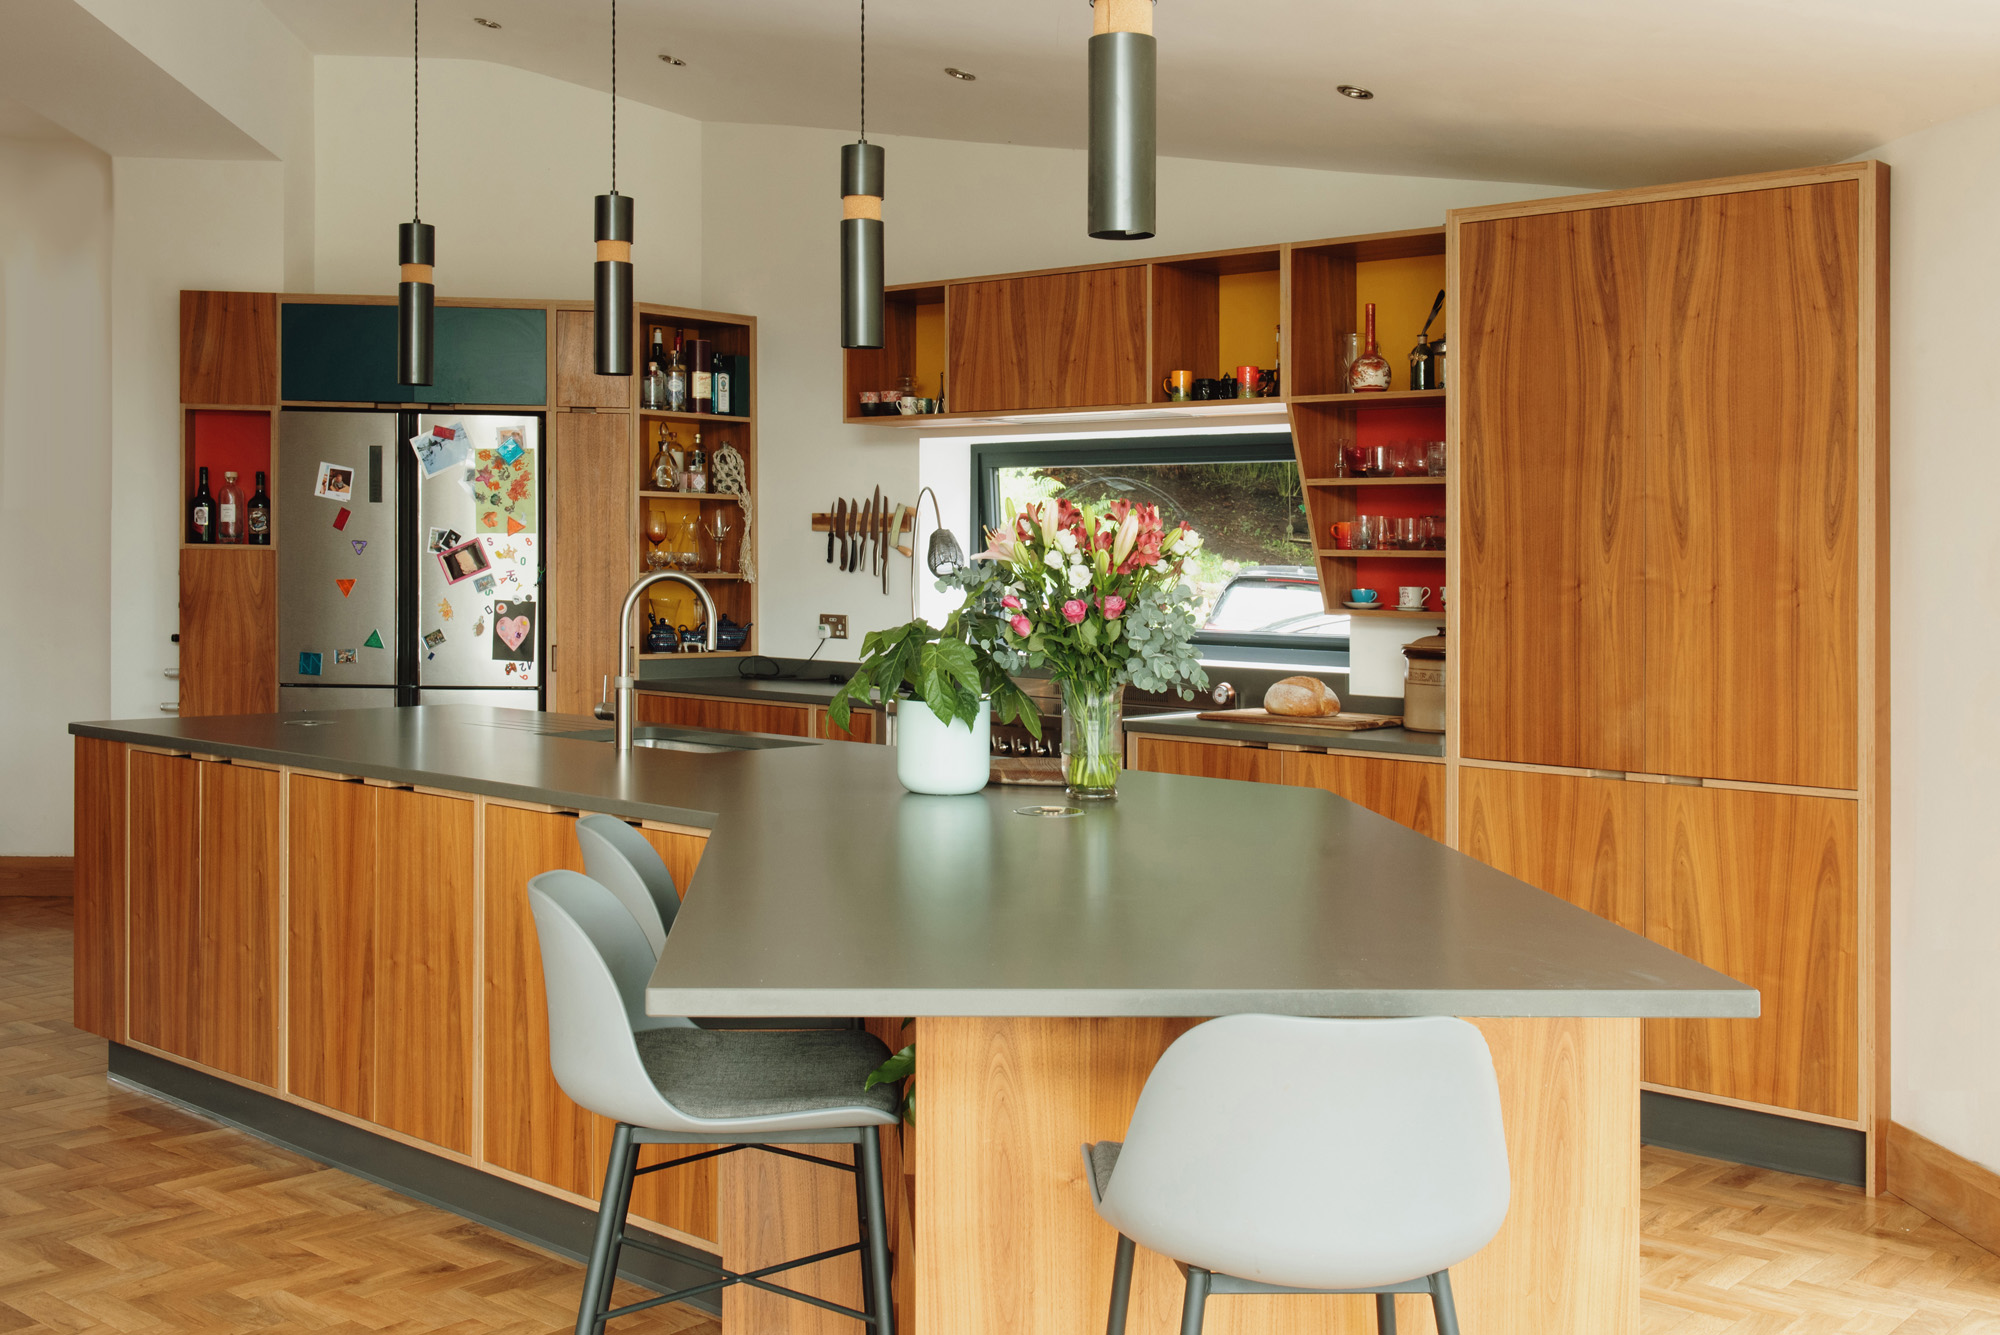 huge angled kitchen island unit